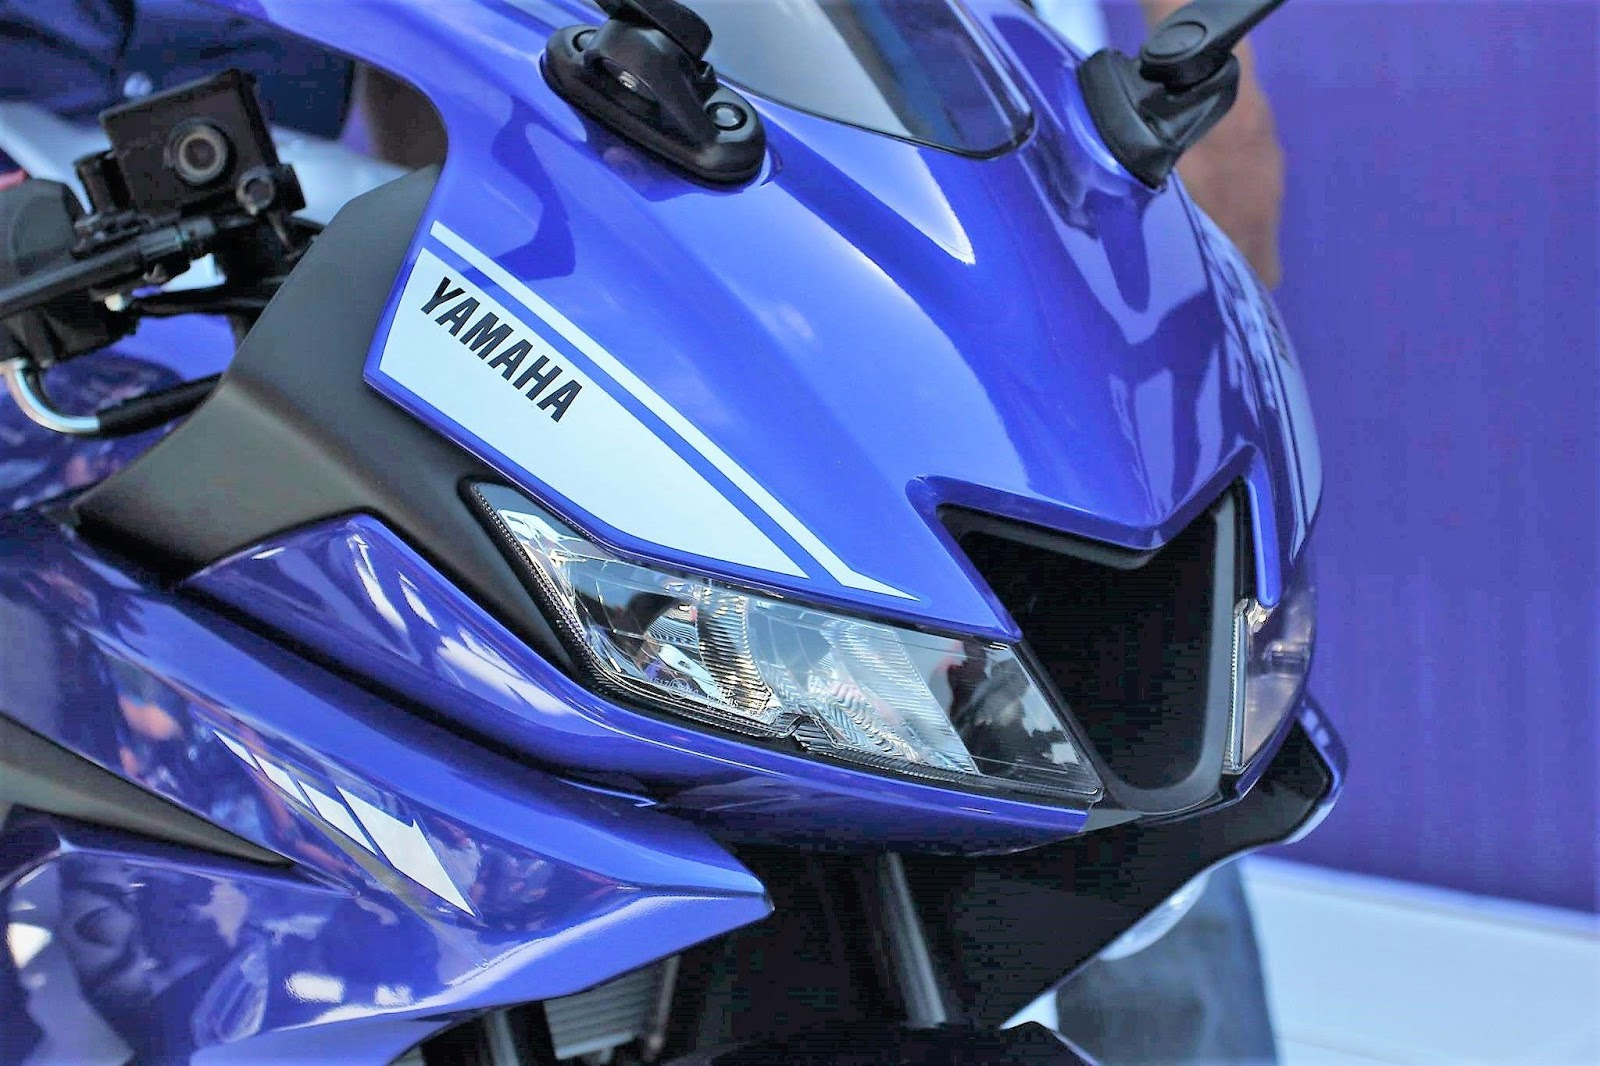 Gambar Yamaha R15 V3 kualitas HD - 15